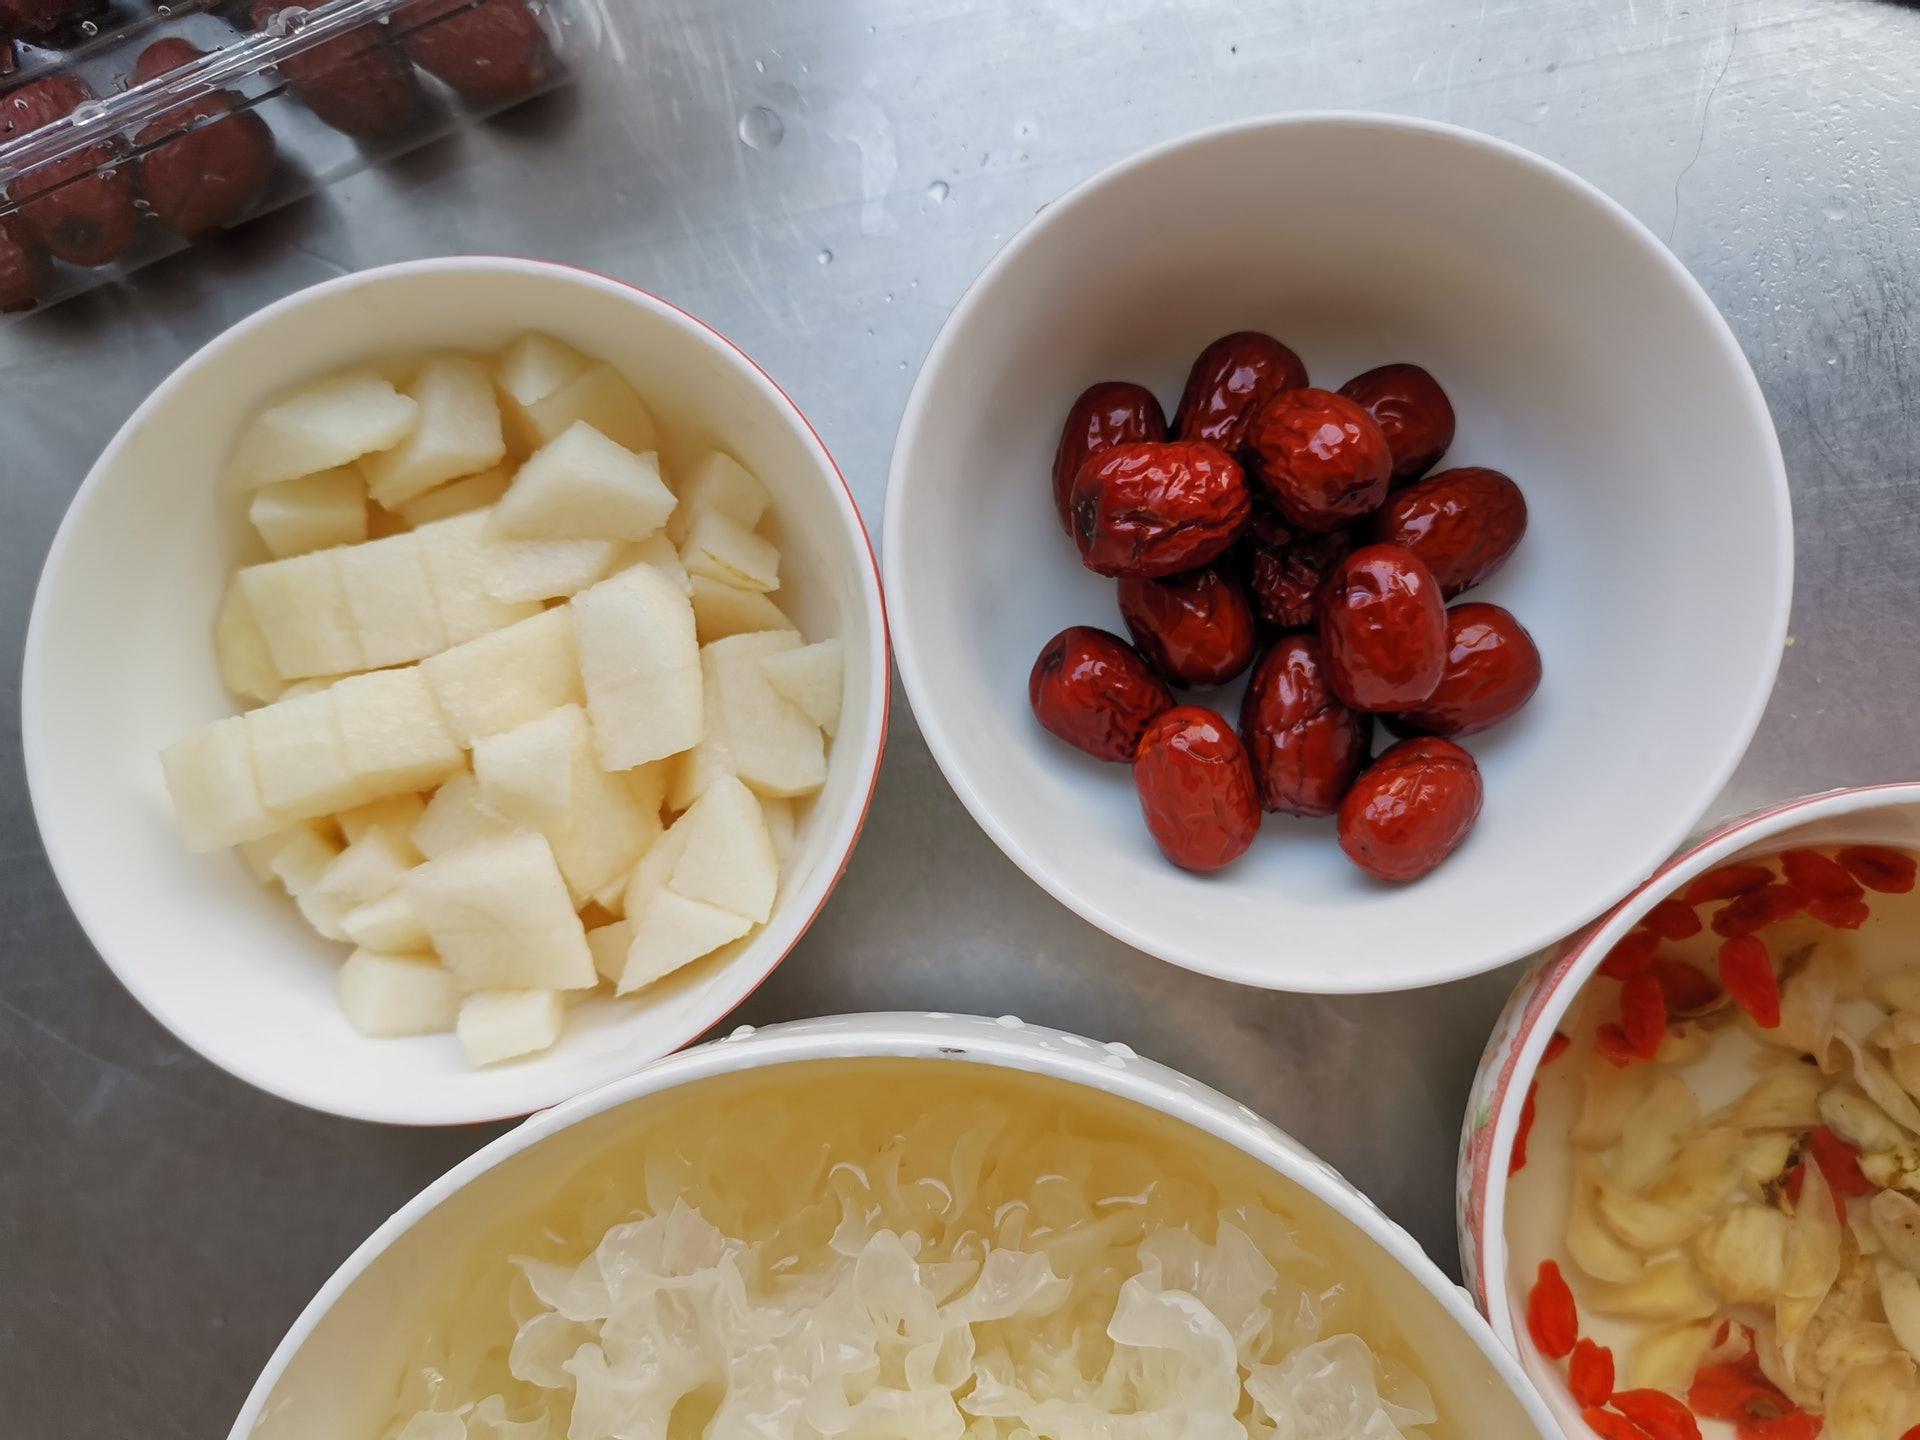 紅棗補中益氣、滋補心肺,可以補血氣、增水份及紅潤感。(圖片:wantubizhi)